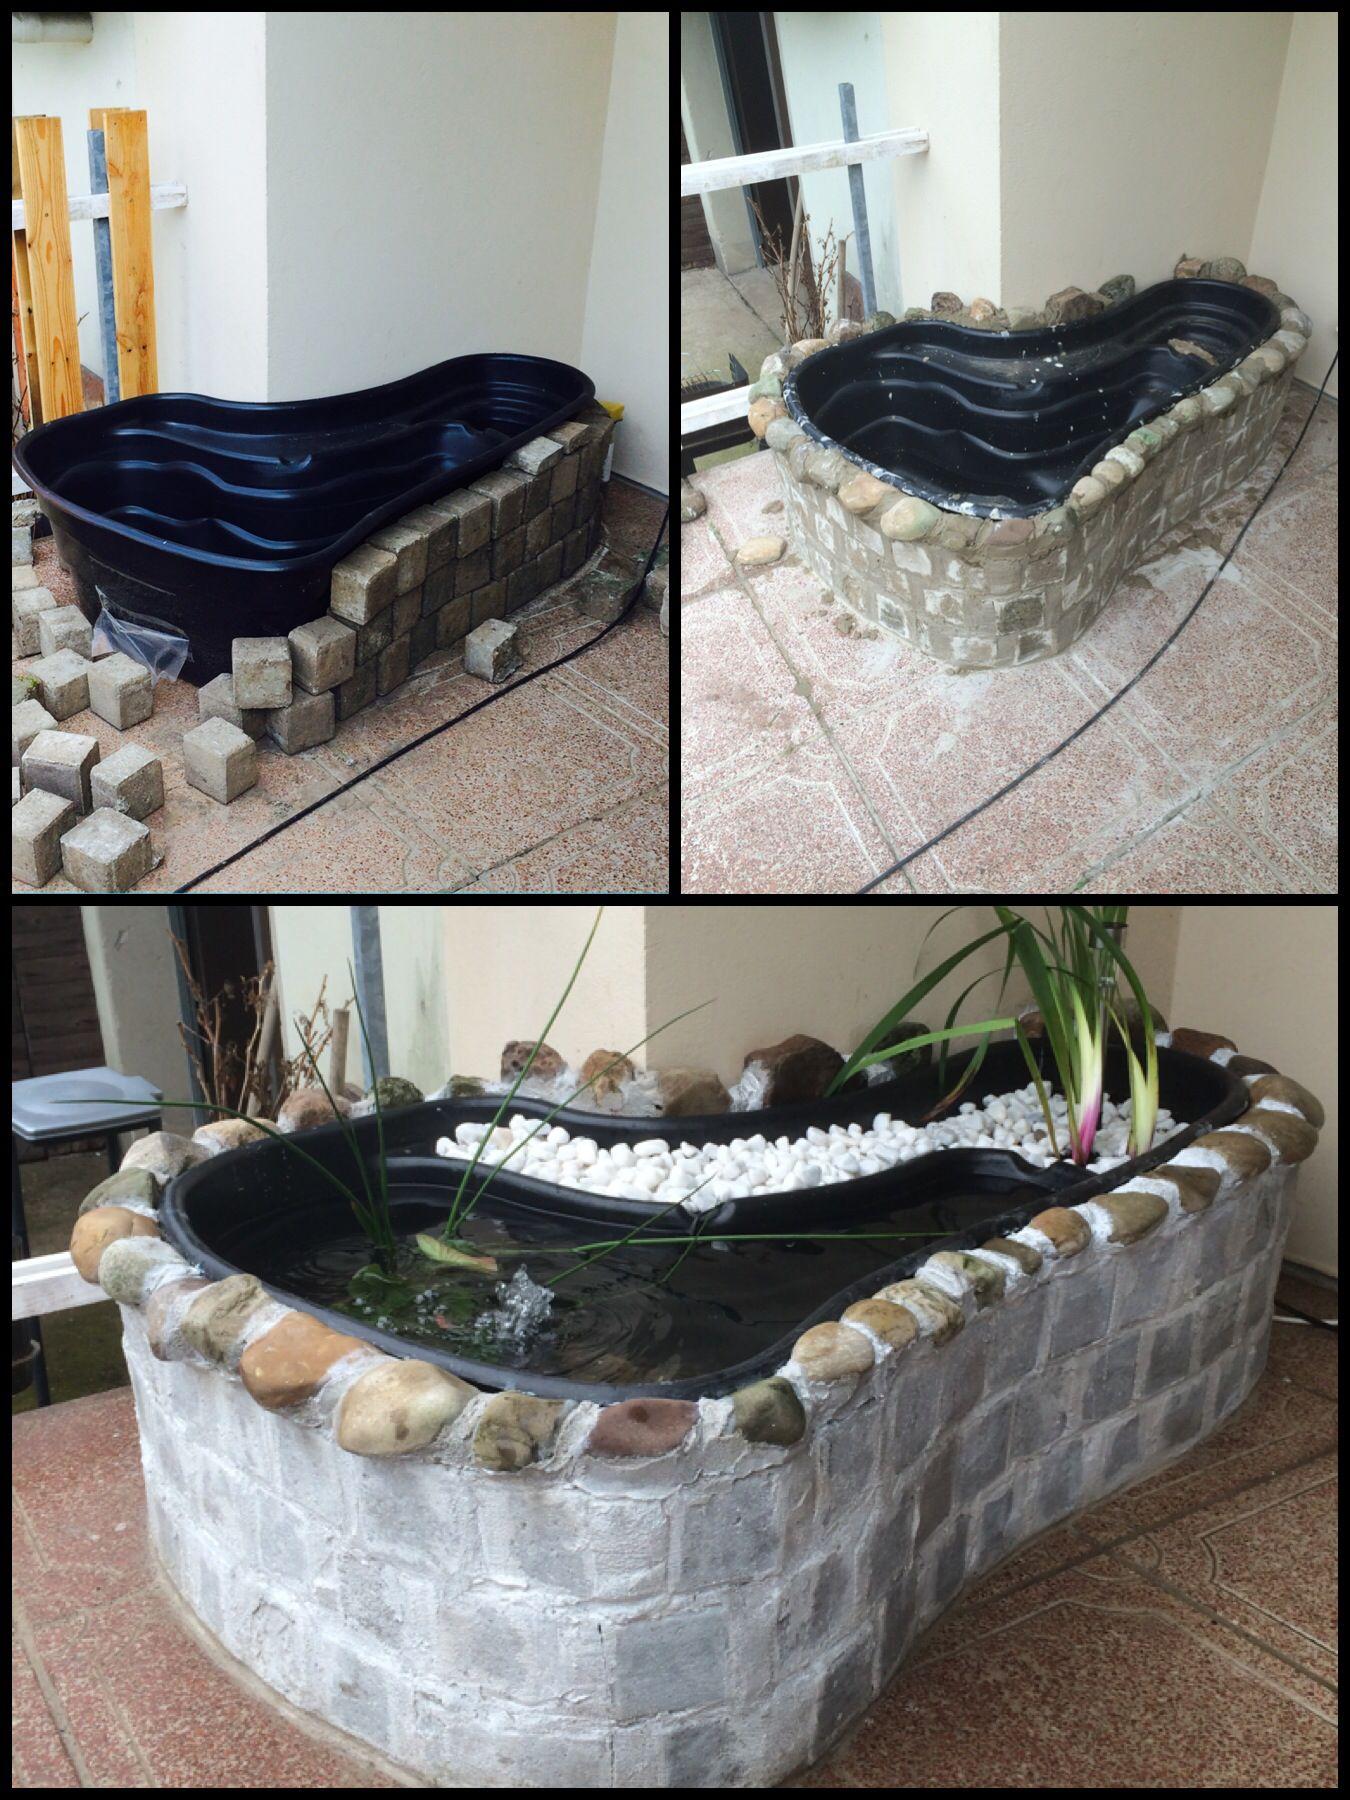 selfmade terrace pond diy terrassen teich selfmade selbst gemacht pinterest garten garten. Black Bedroom Furniture Sets. Home Design Ideas